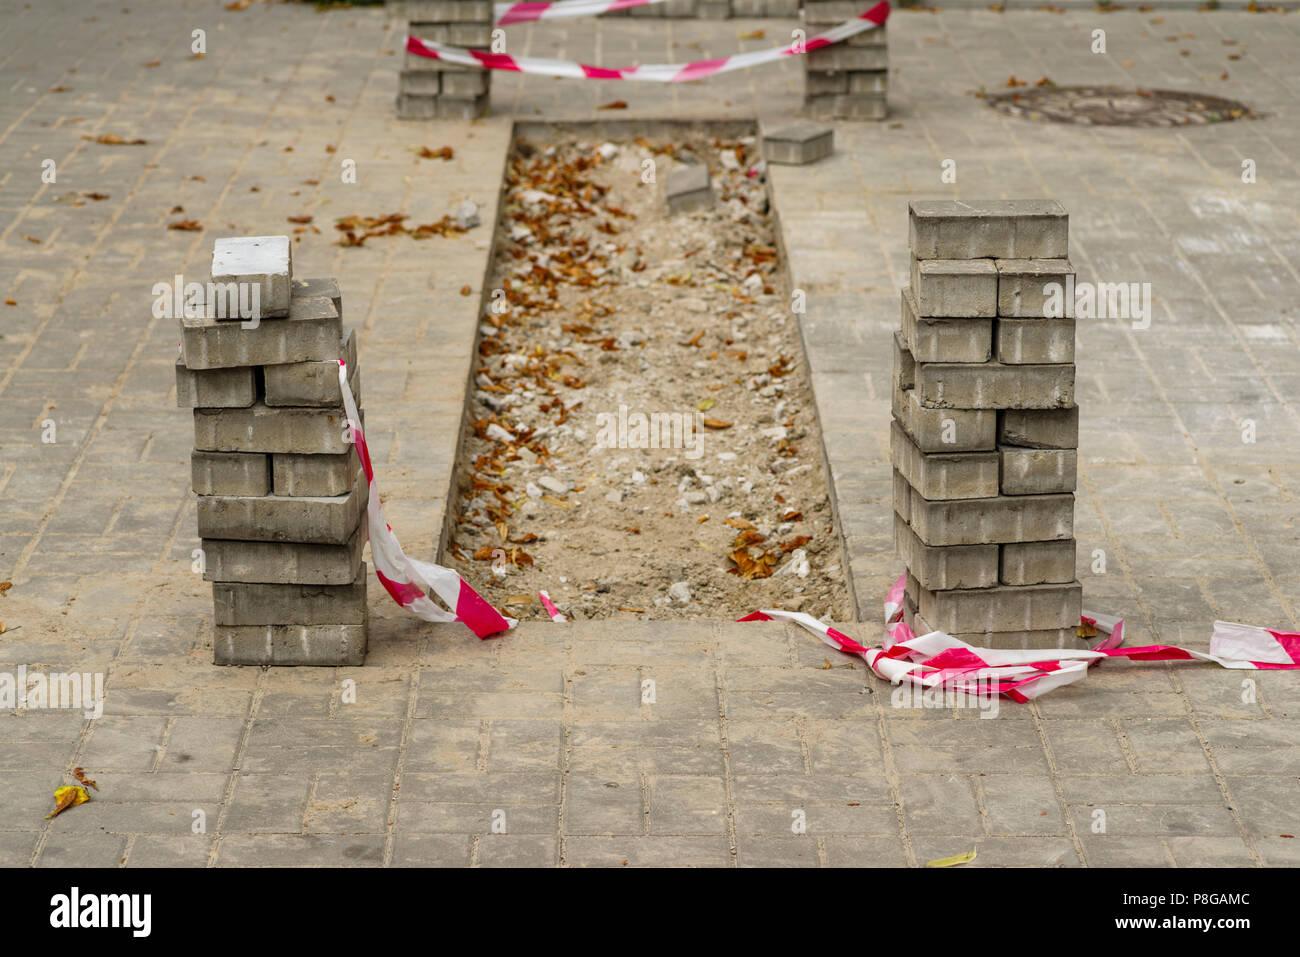 La riparazione del marciapiede di piastrelle foto immagine stock